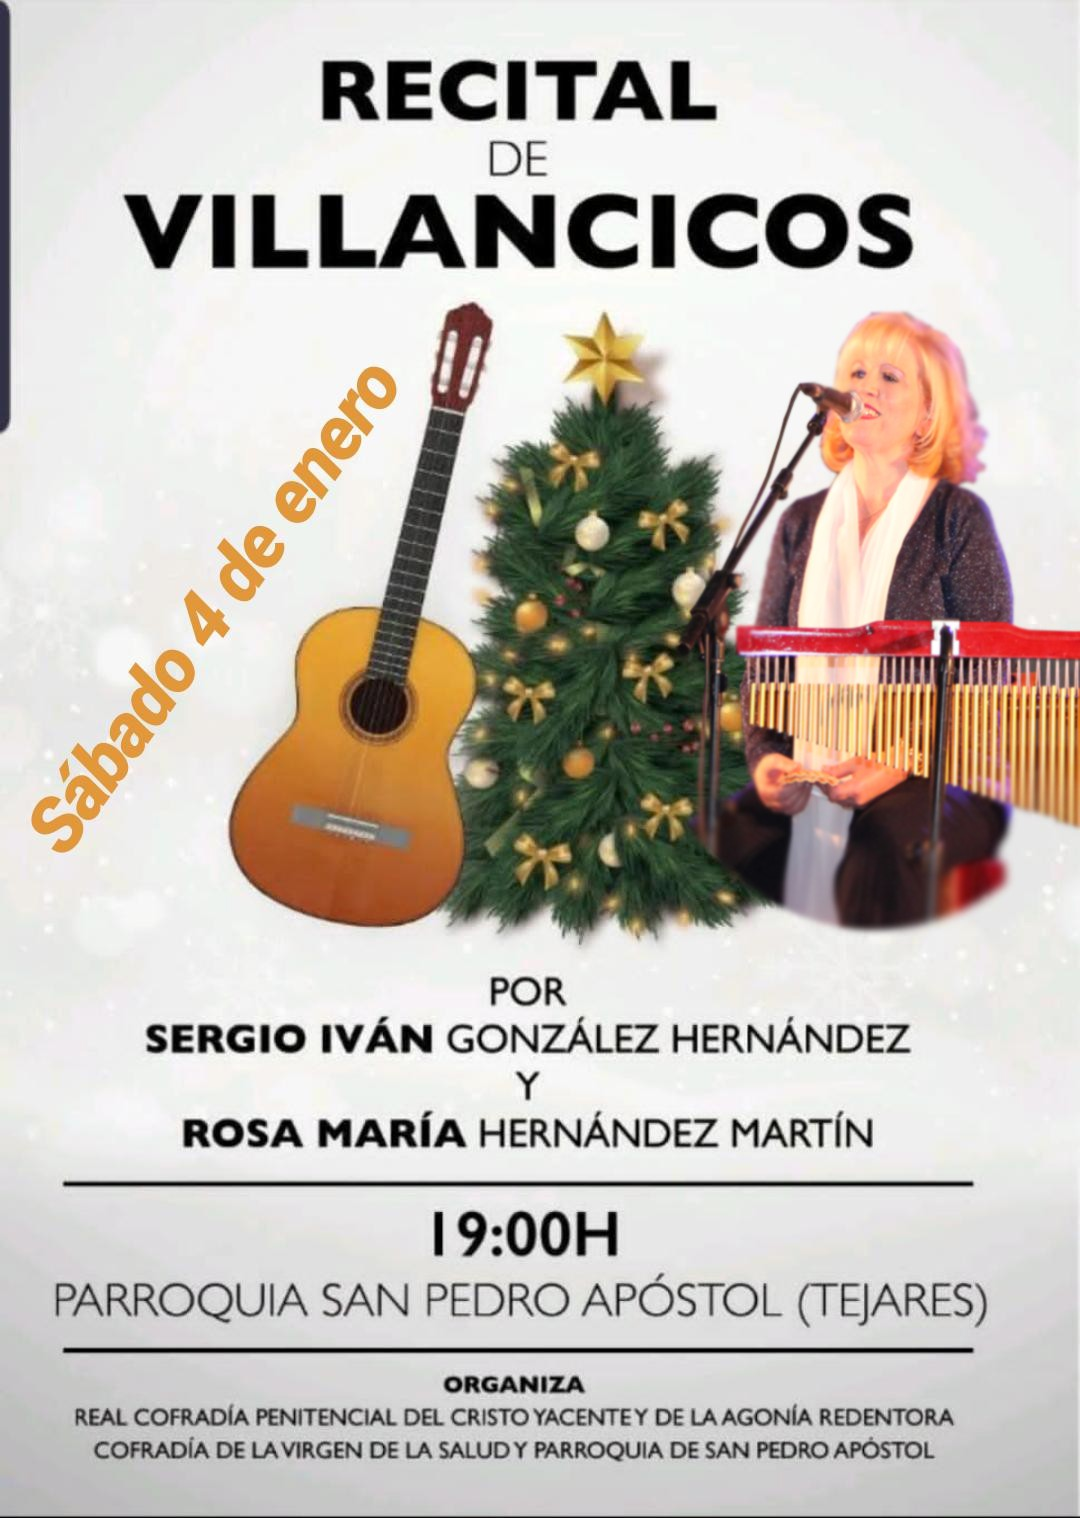 Concierto de Villancicos en la Iglesia Parroquial de San Pedro Apóstol de Tejares (Salamanca)